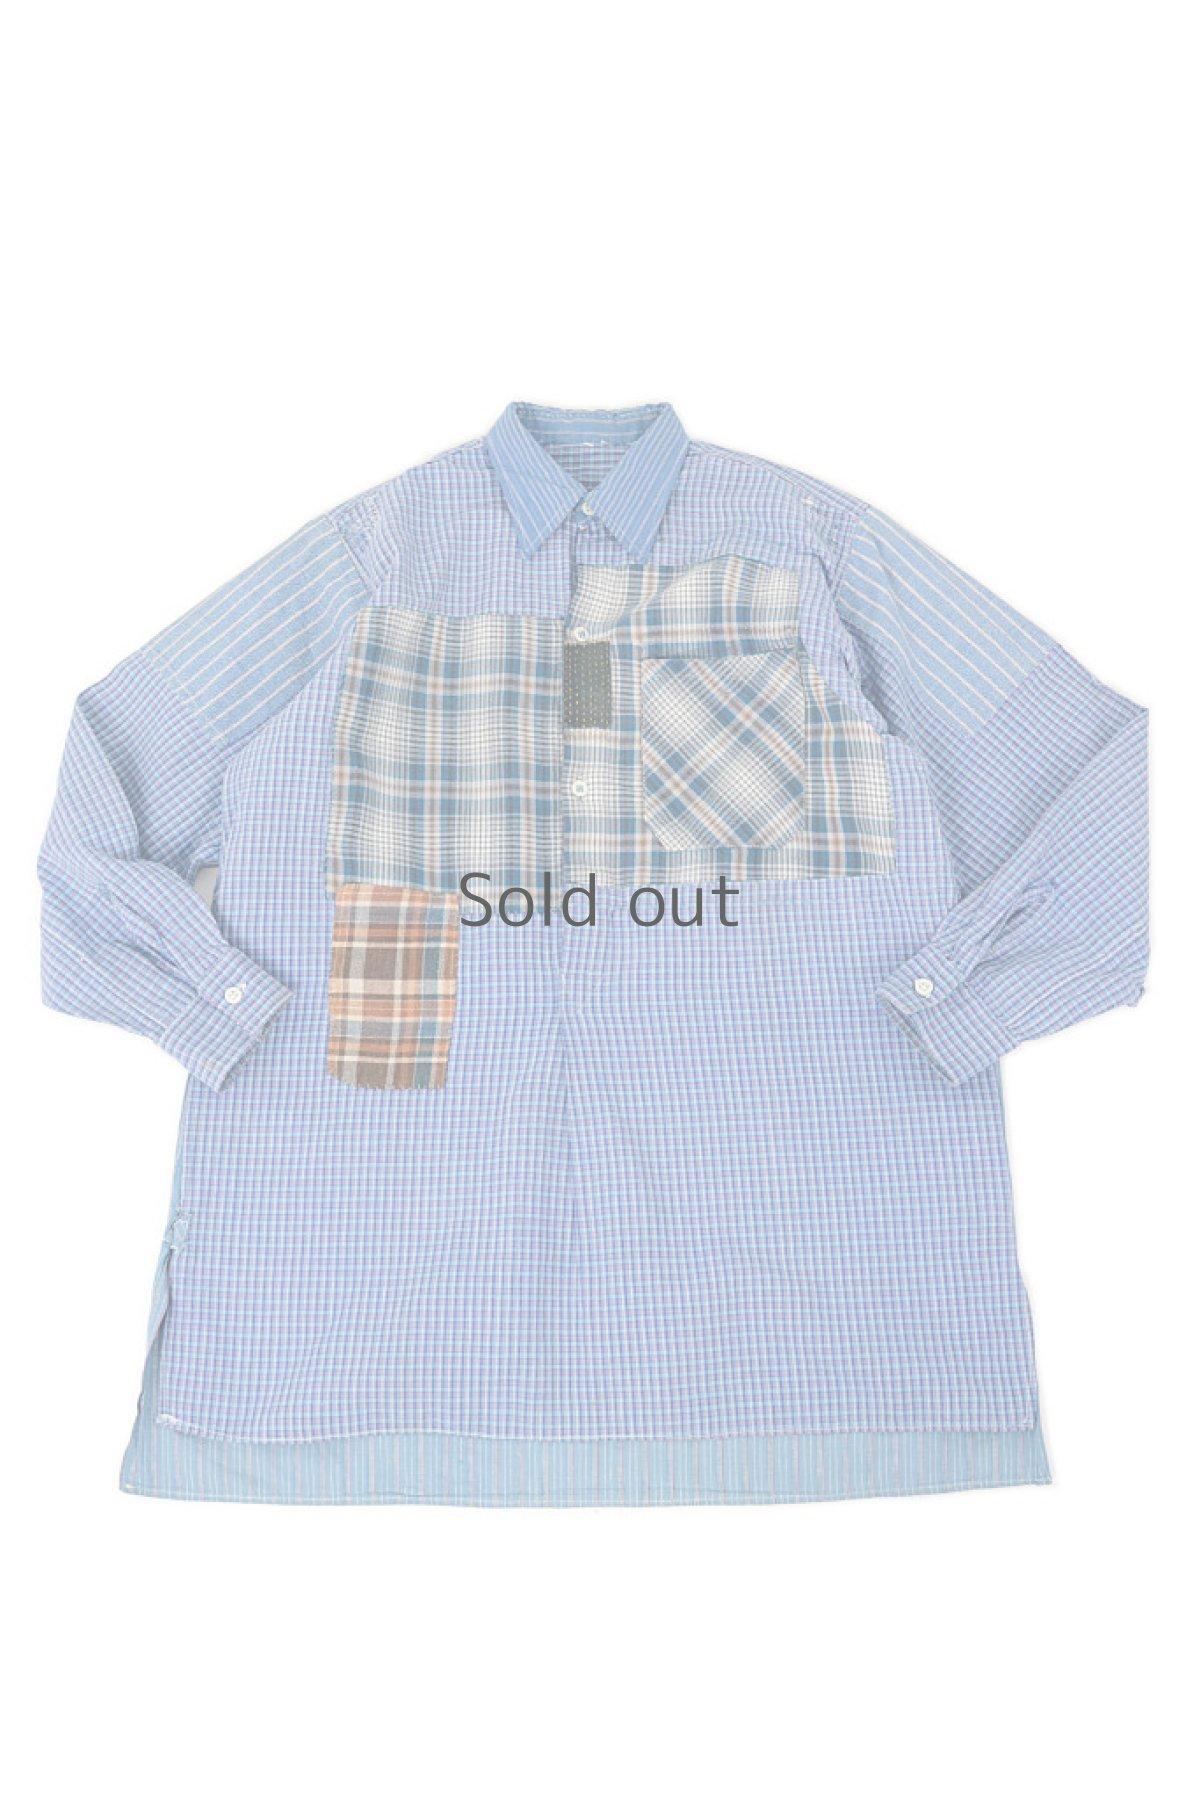 画像1: 【佐々木印】ビンテージリメイク パッチワークネルプルオーバーシャツ(ブルーストライプとチェック) (1)